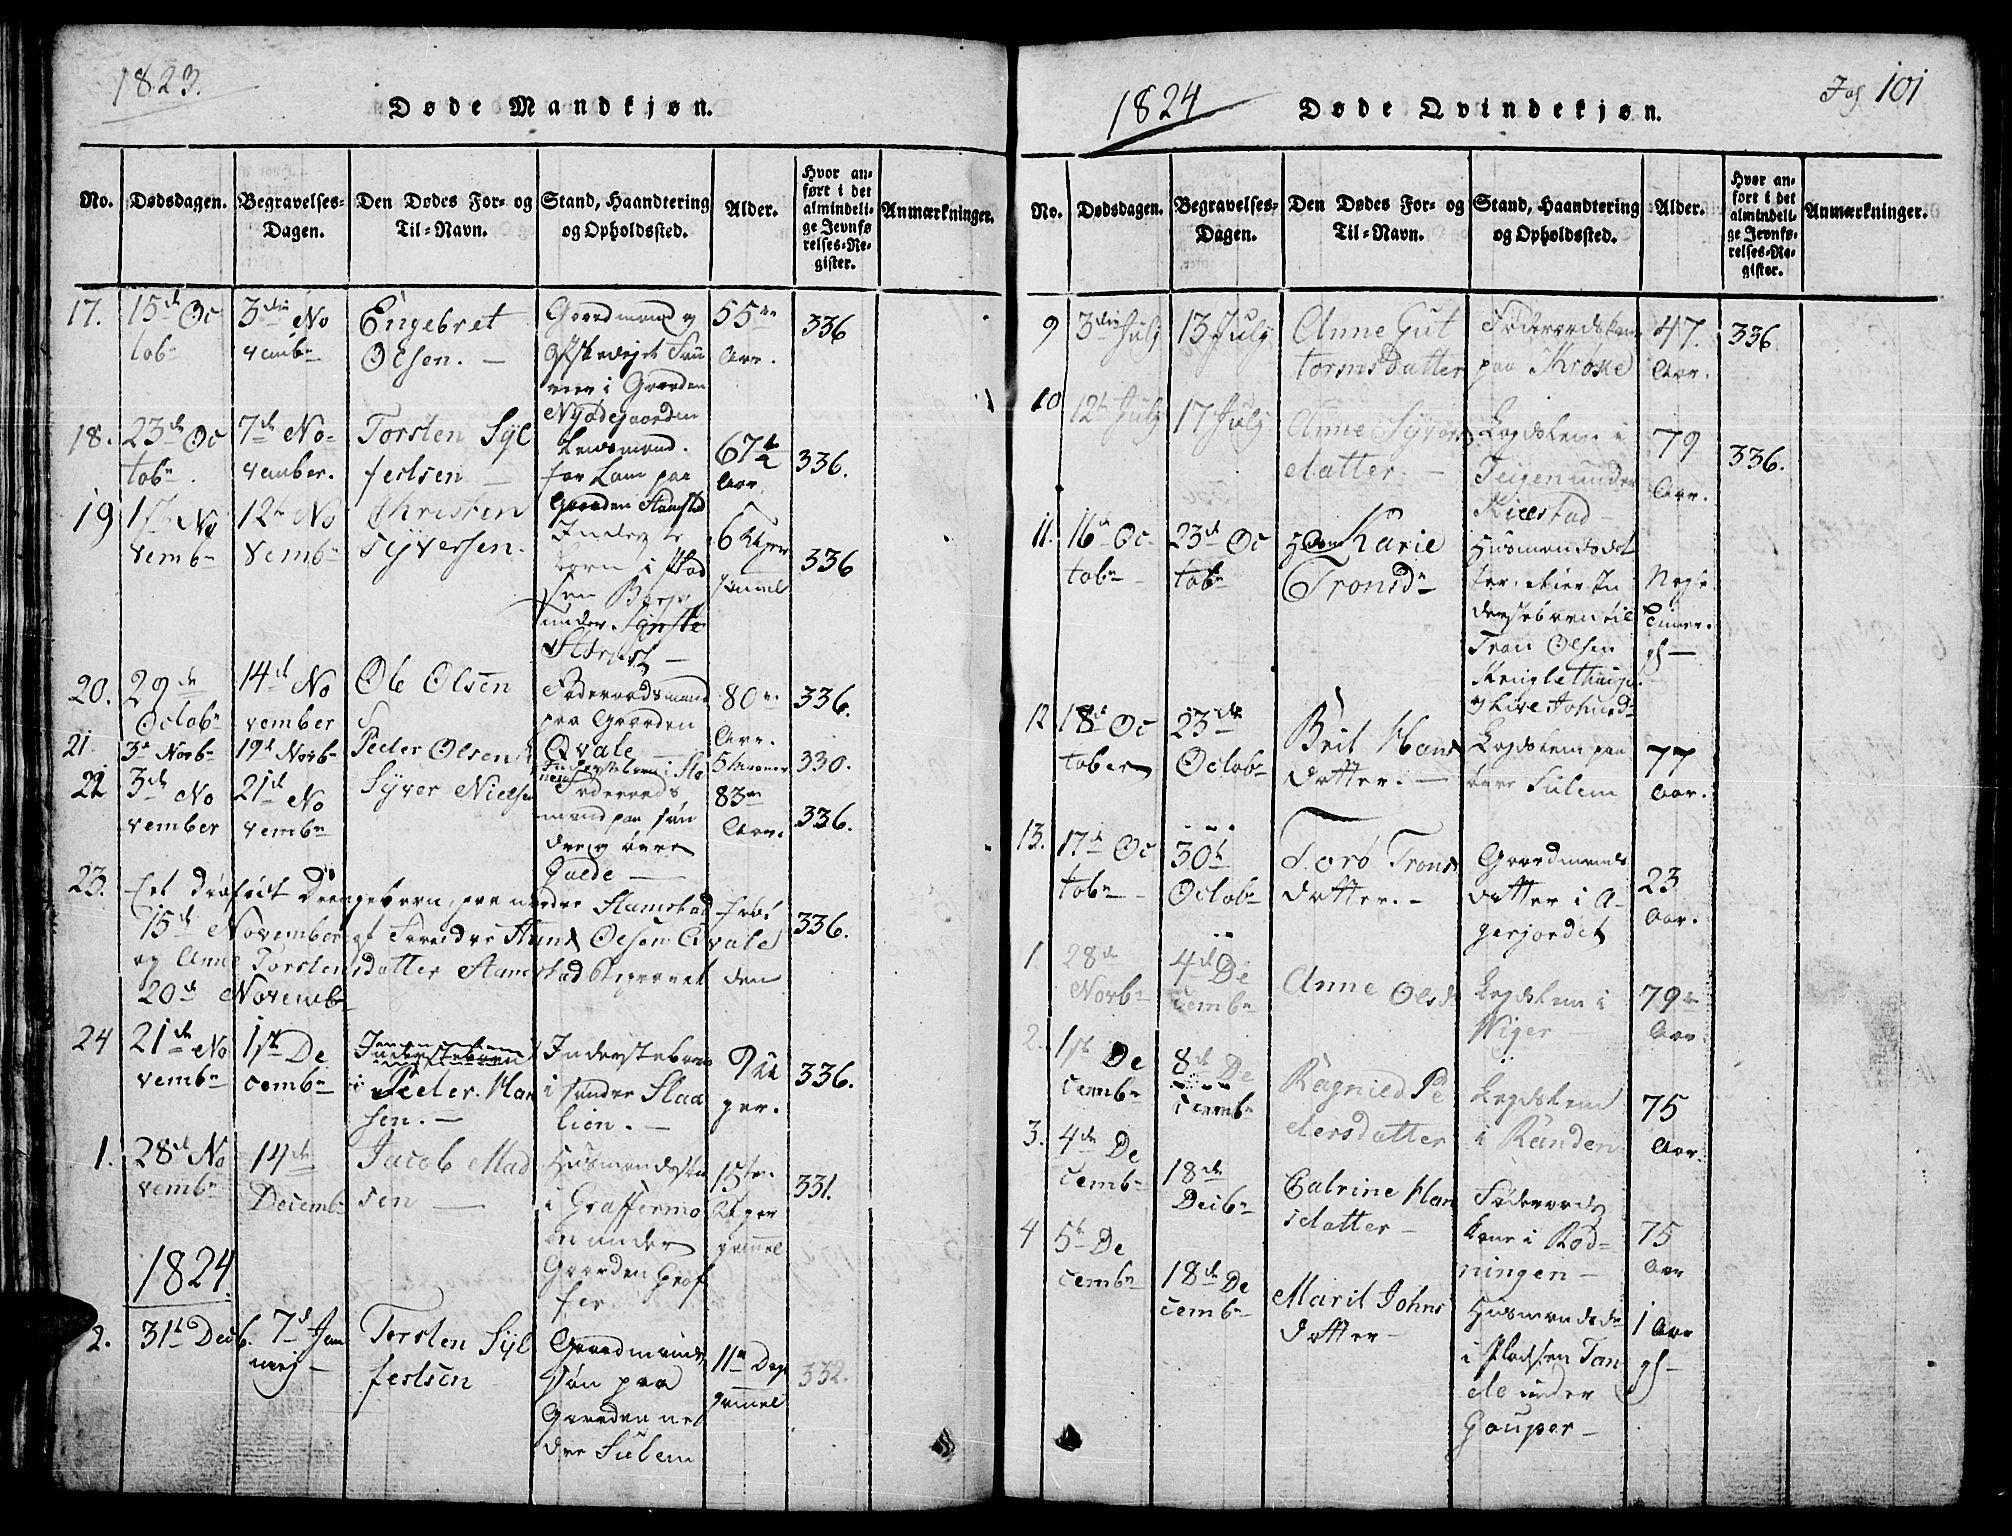 SAH, Lom prestekontor, L/L0001: Klokkerbok nr. 1, 1815-1836, s. 101